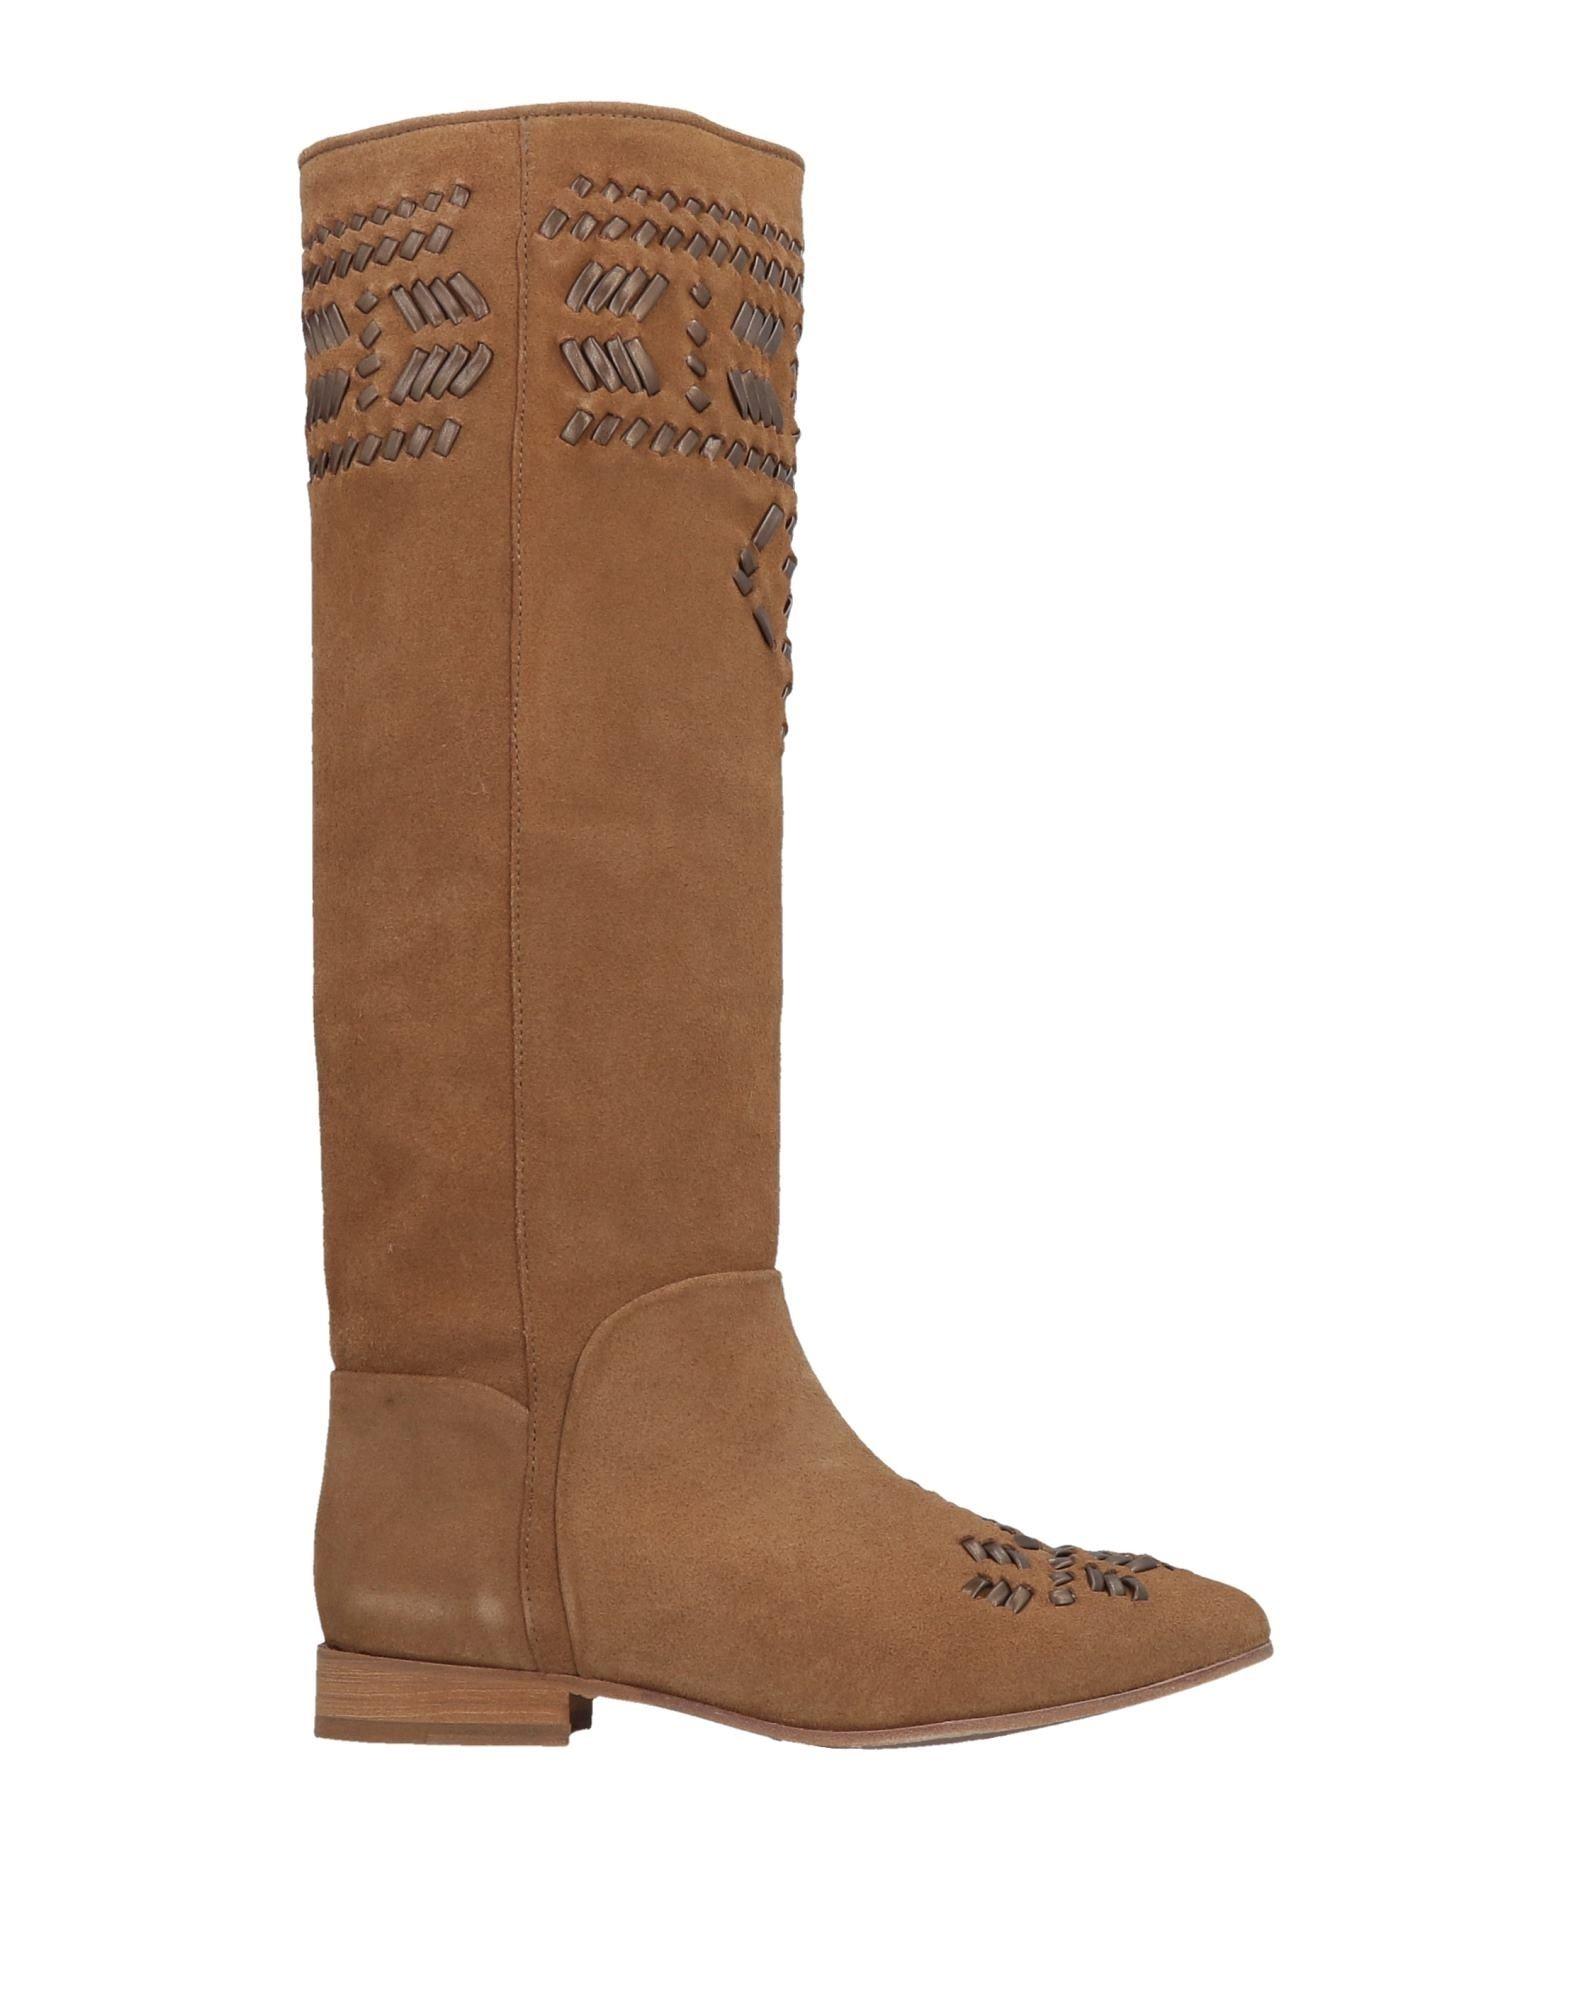 Billig-4209,Intropia es Stiefel Damen Gutes Preis-Leistungs-Verhältnis, es Billig-4209,Intropia lohnt sich ab259a